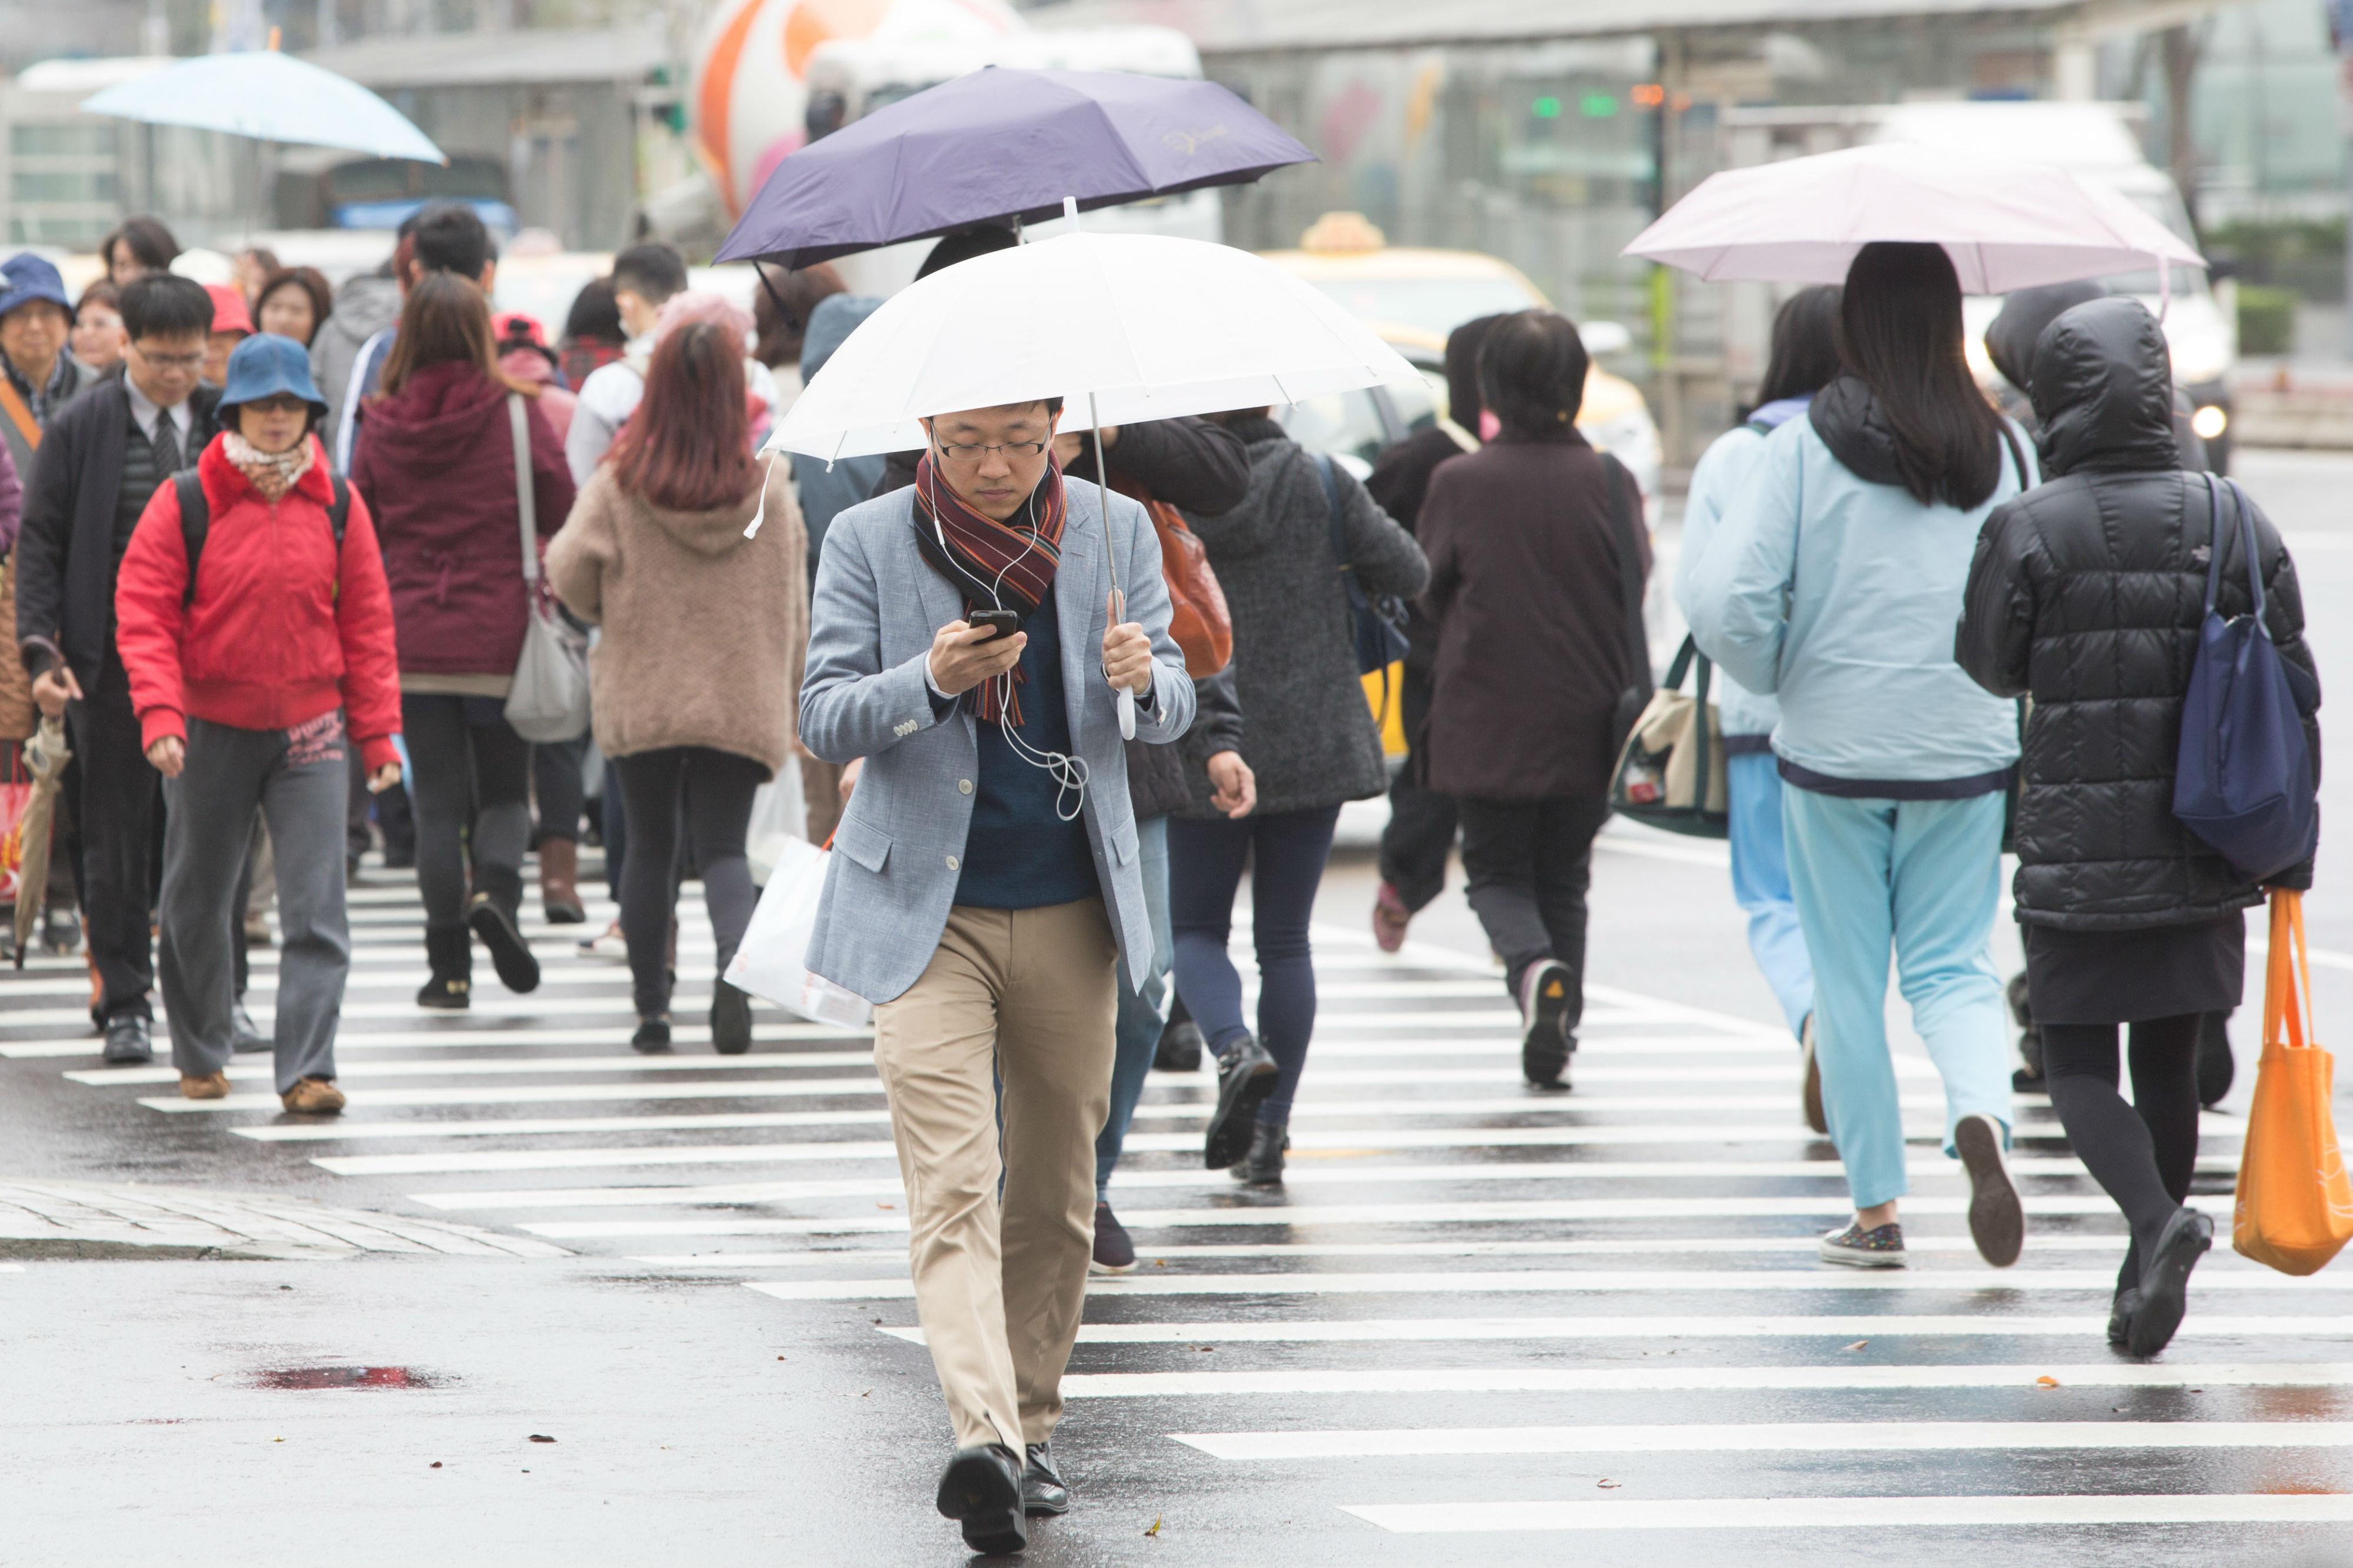 ▲滑手機,低頭族,下雨,溼冷,雨天,冬季,冬天,天氣,低溫,寒流,行人,過馬路,交通,斑馬線,路人(圖/記者季相儒攝)